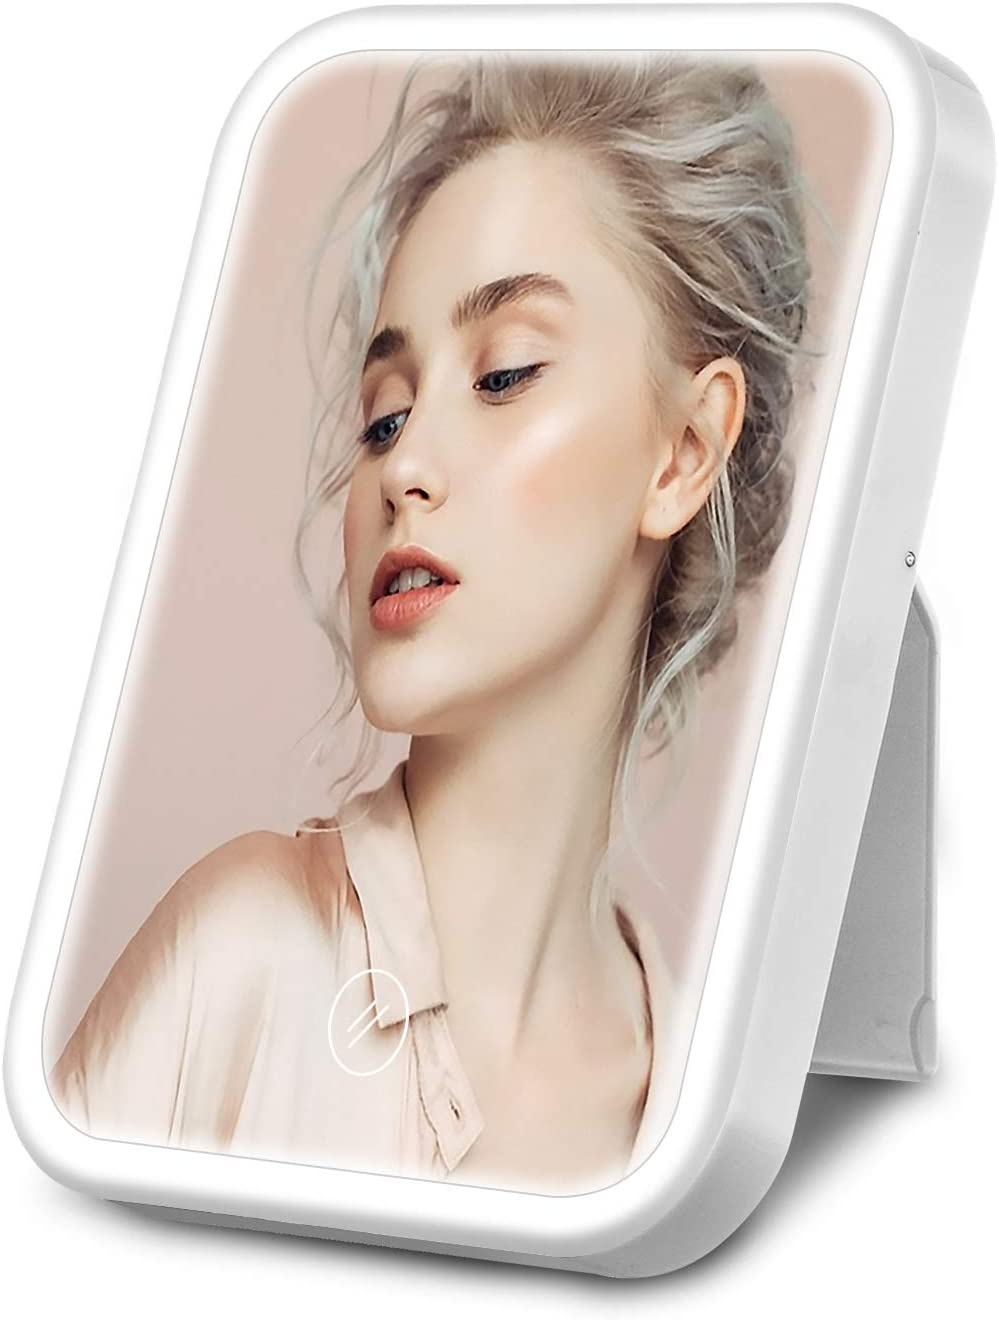 HOCOSY Espejo Maquillaje con Luz, Espejo tocador de Mesa con LED luz con 3 Modos Lluminación, Espejo Cosmético, Carga con USB o batteria, Pantalla Táctil, Adjustable